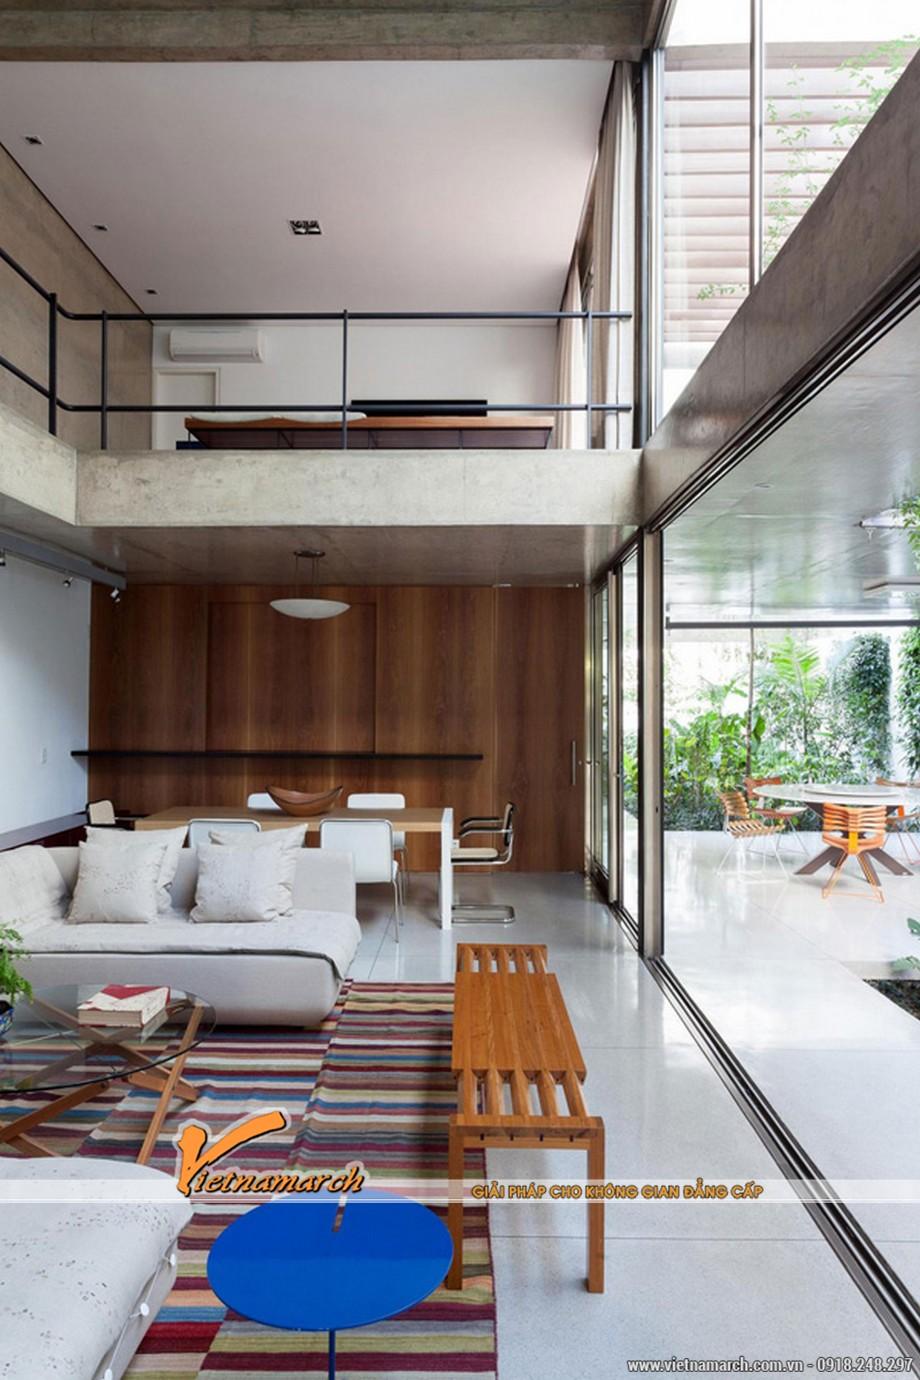 Thiết kế nội thất nhà phố với căn bếp lịch lãm, tao nhã